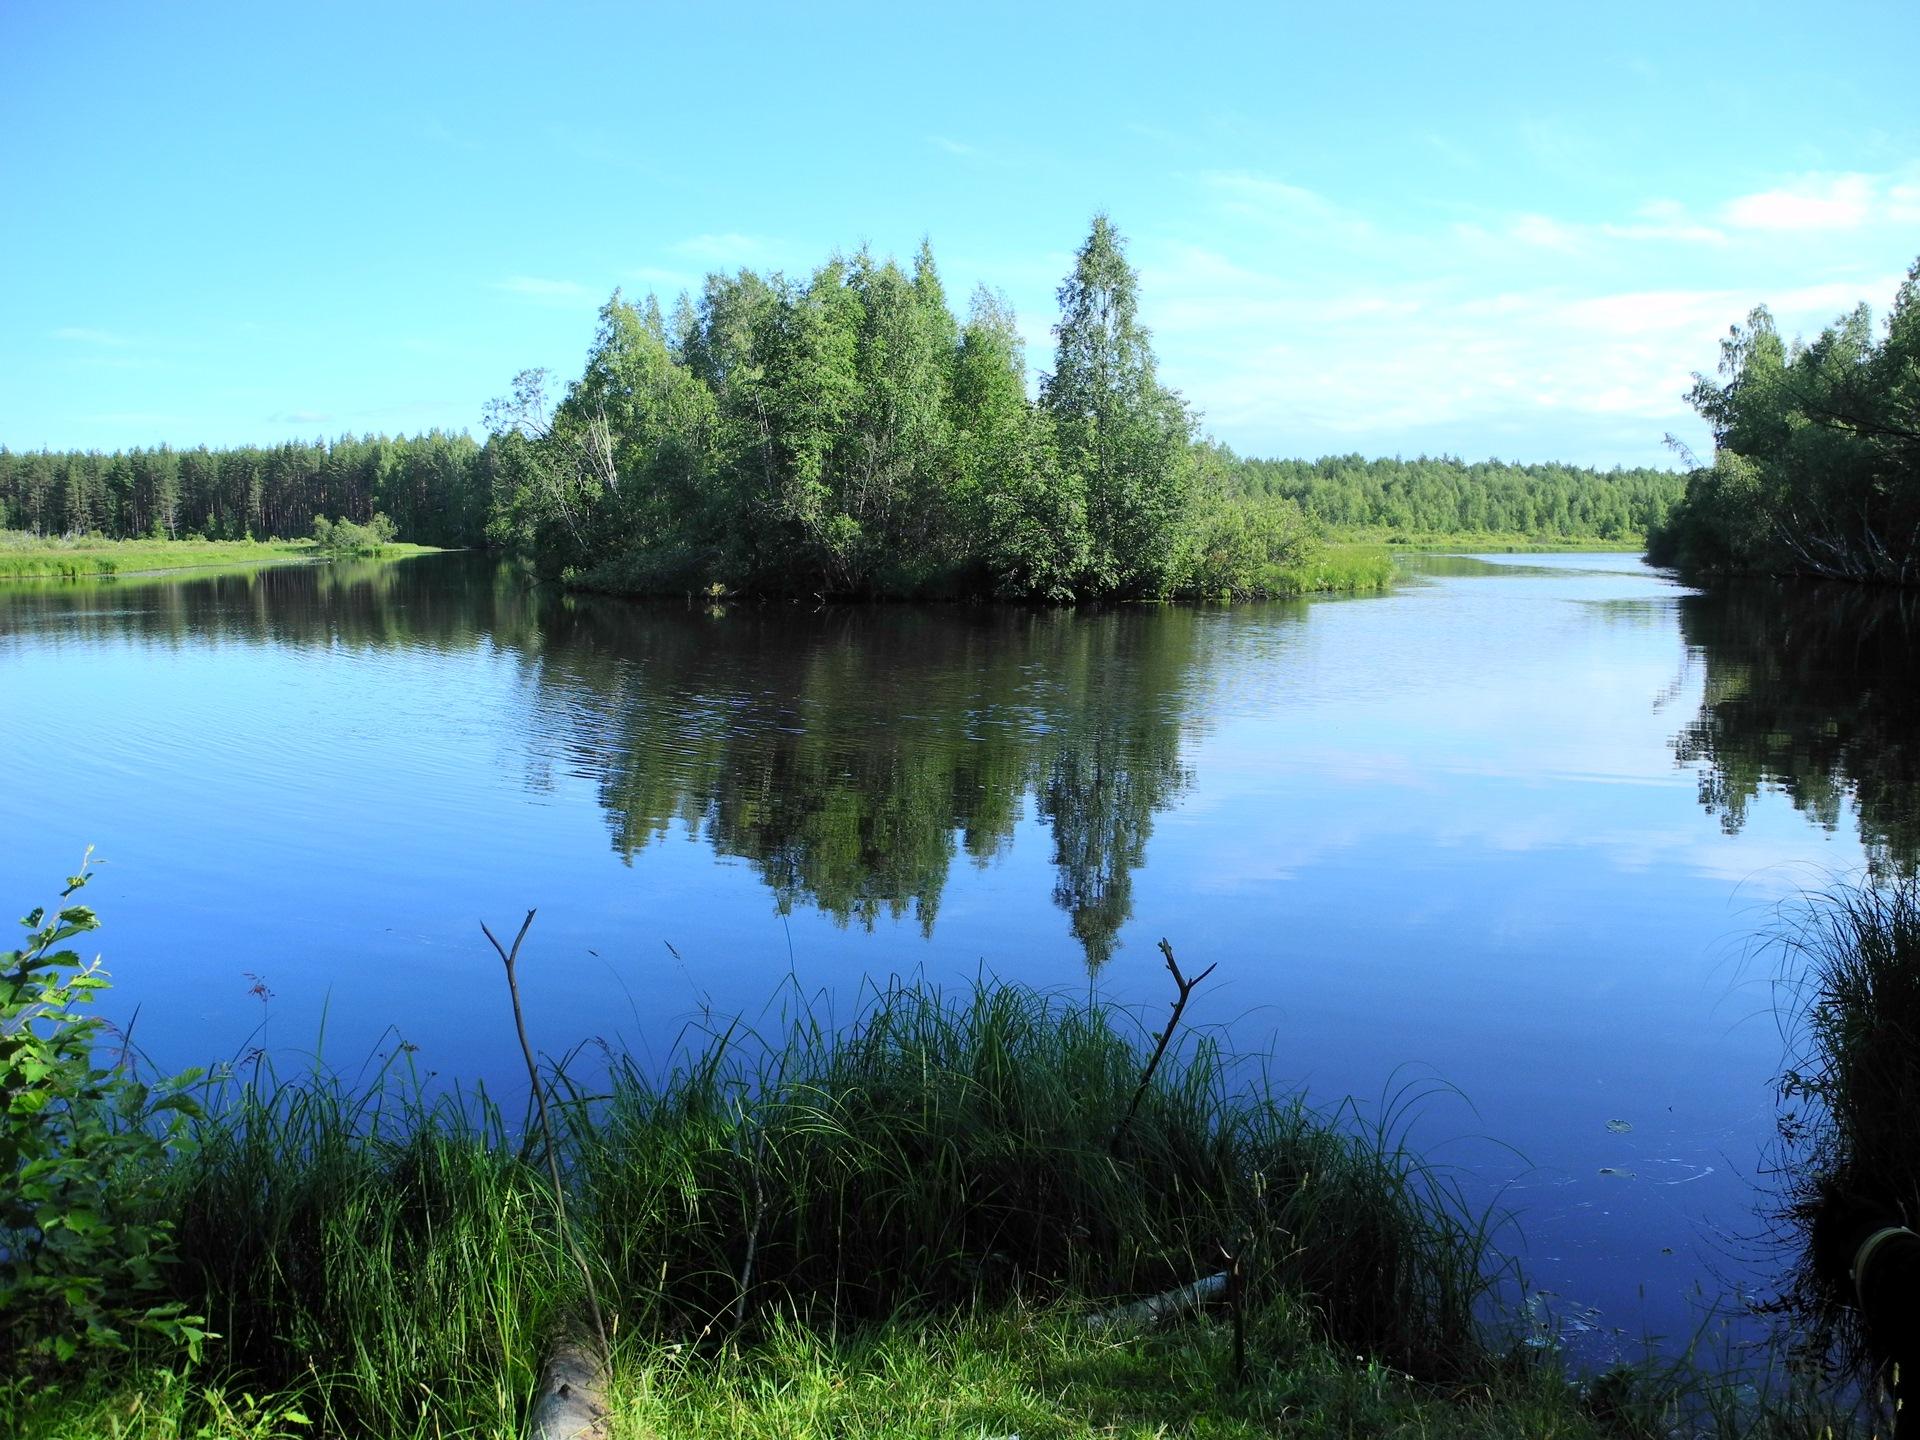 фото реки черной карелия касается